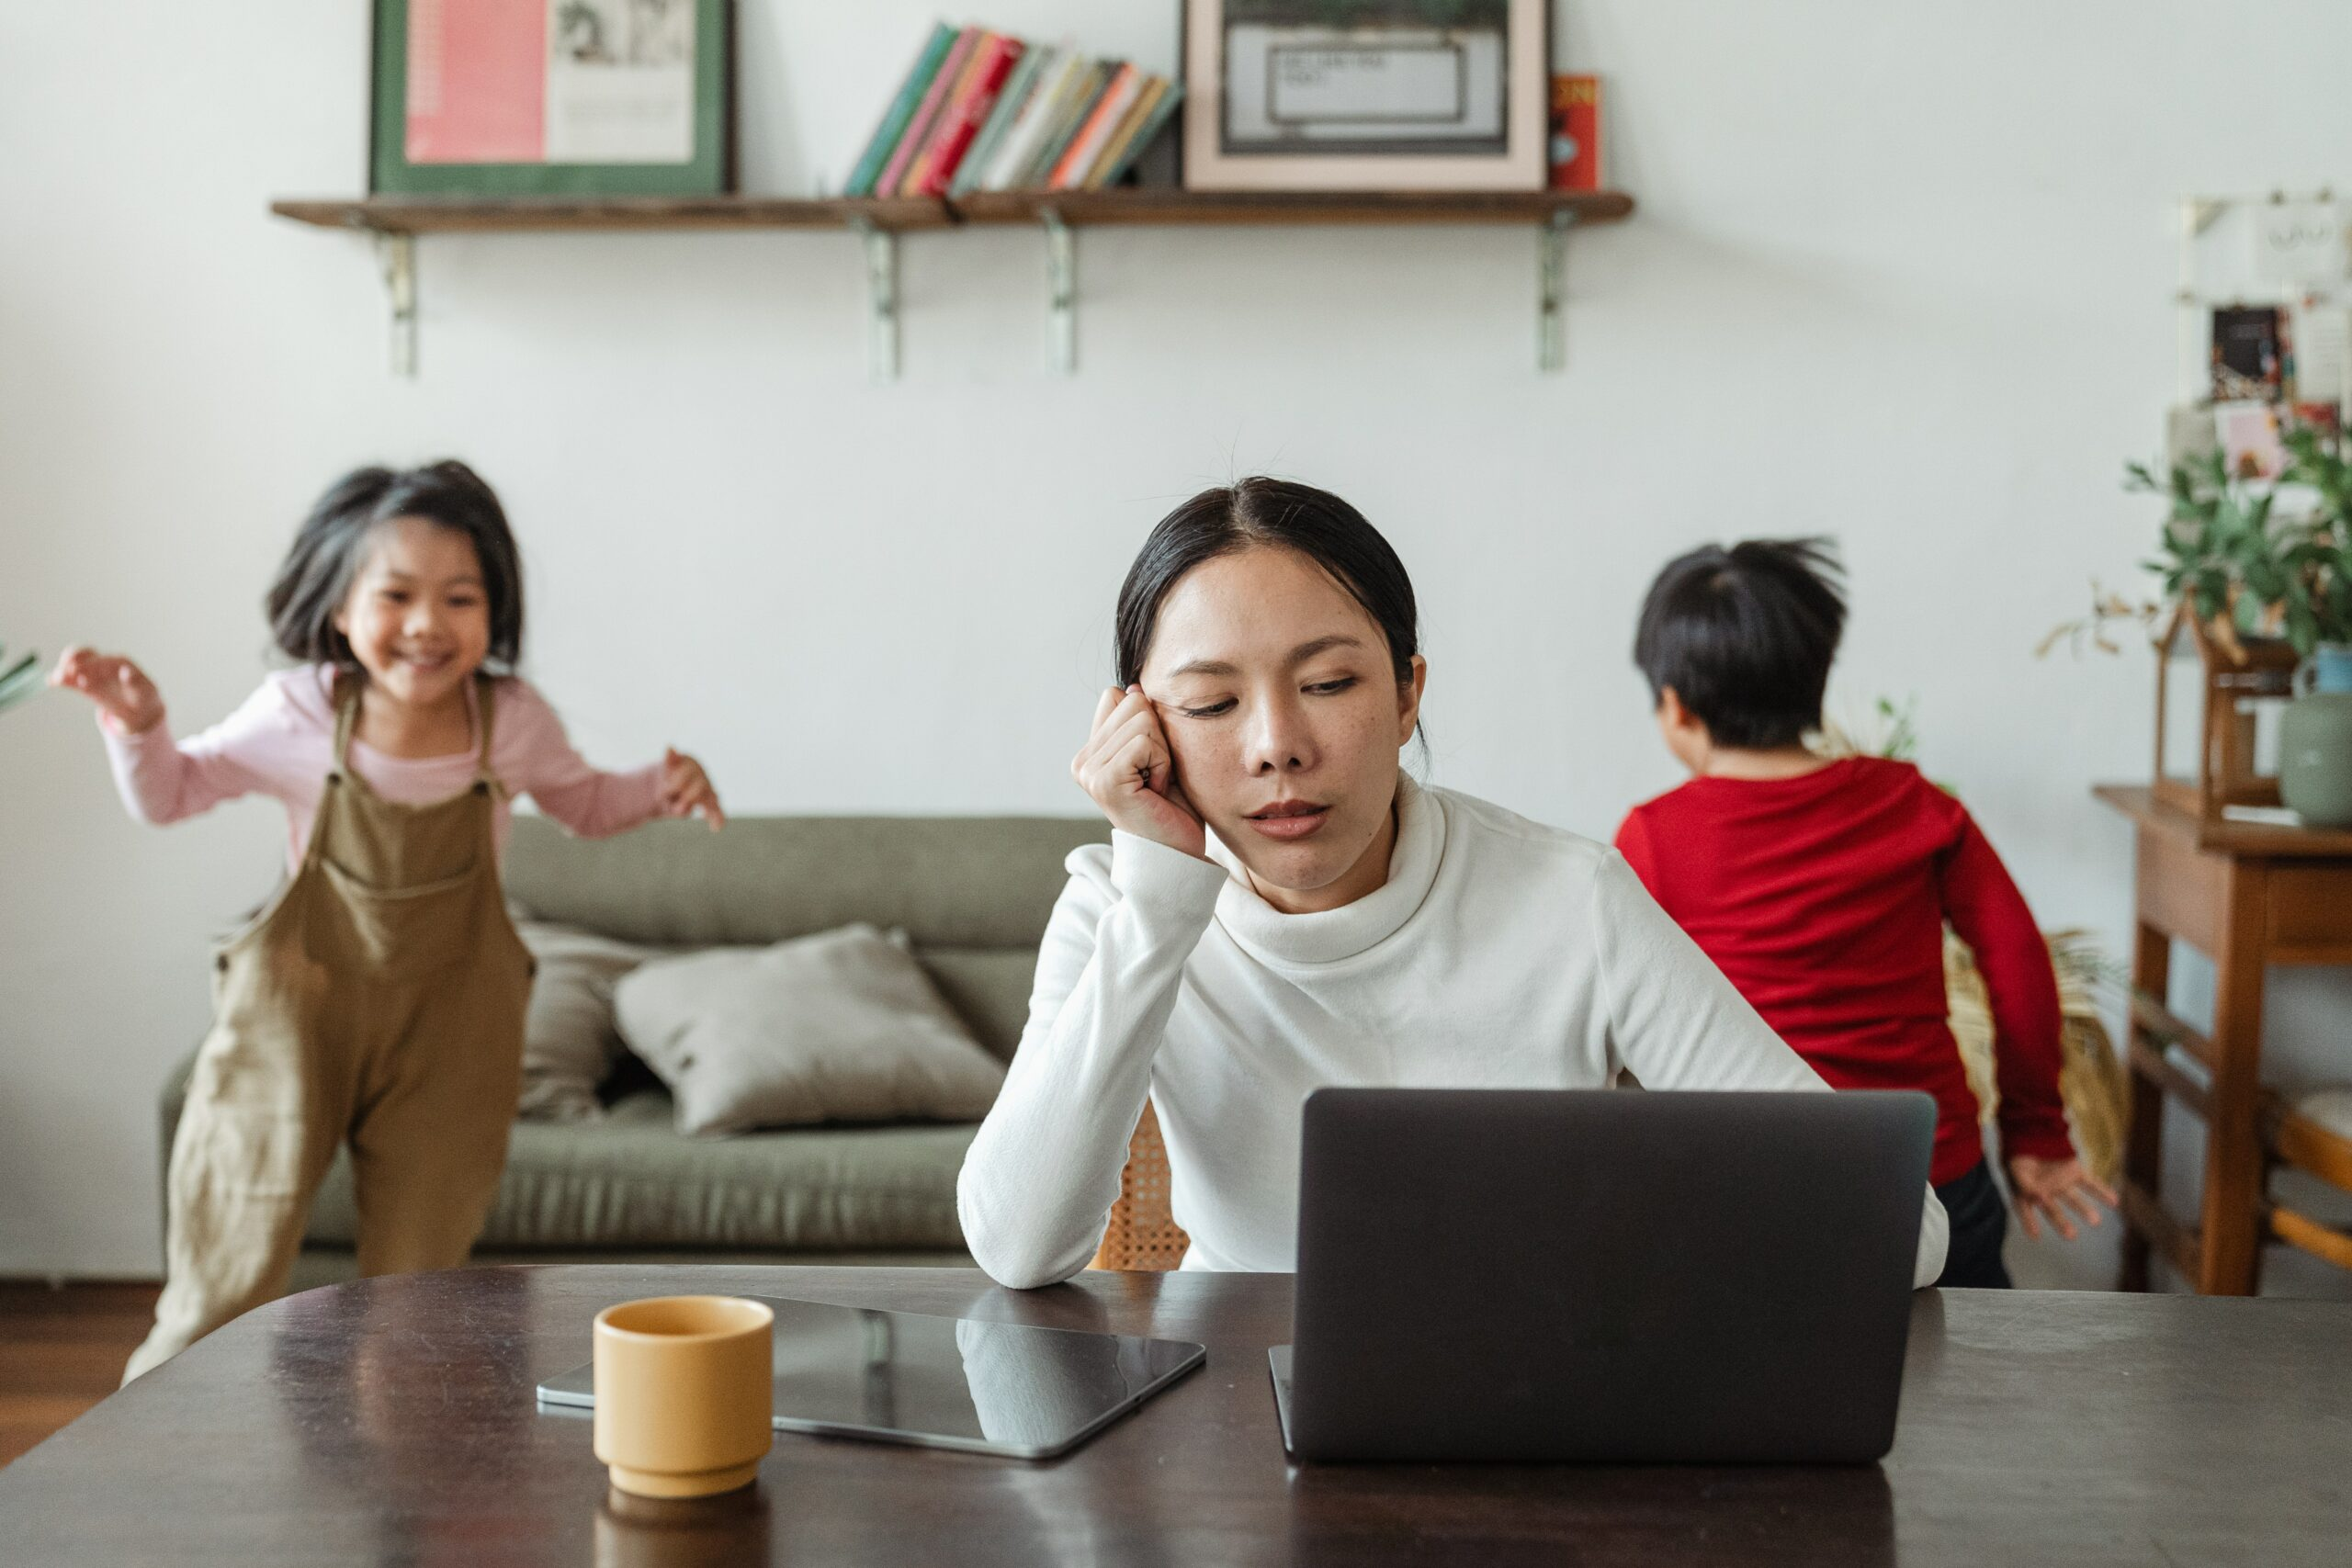 Balans moederschap & ondernemerschap - aanwezige moeder versus ambitieuze ondernemer